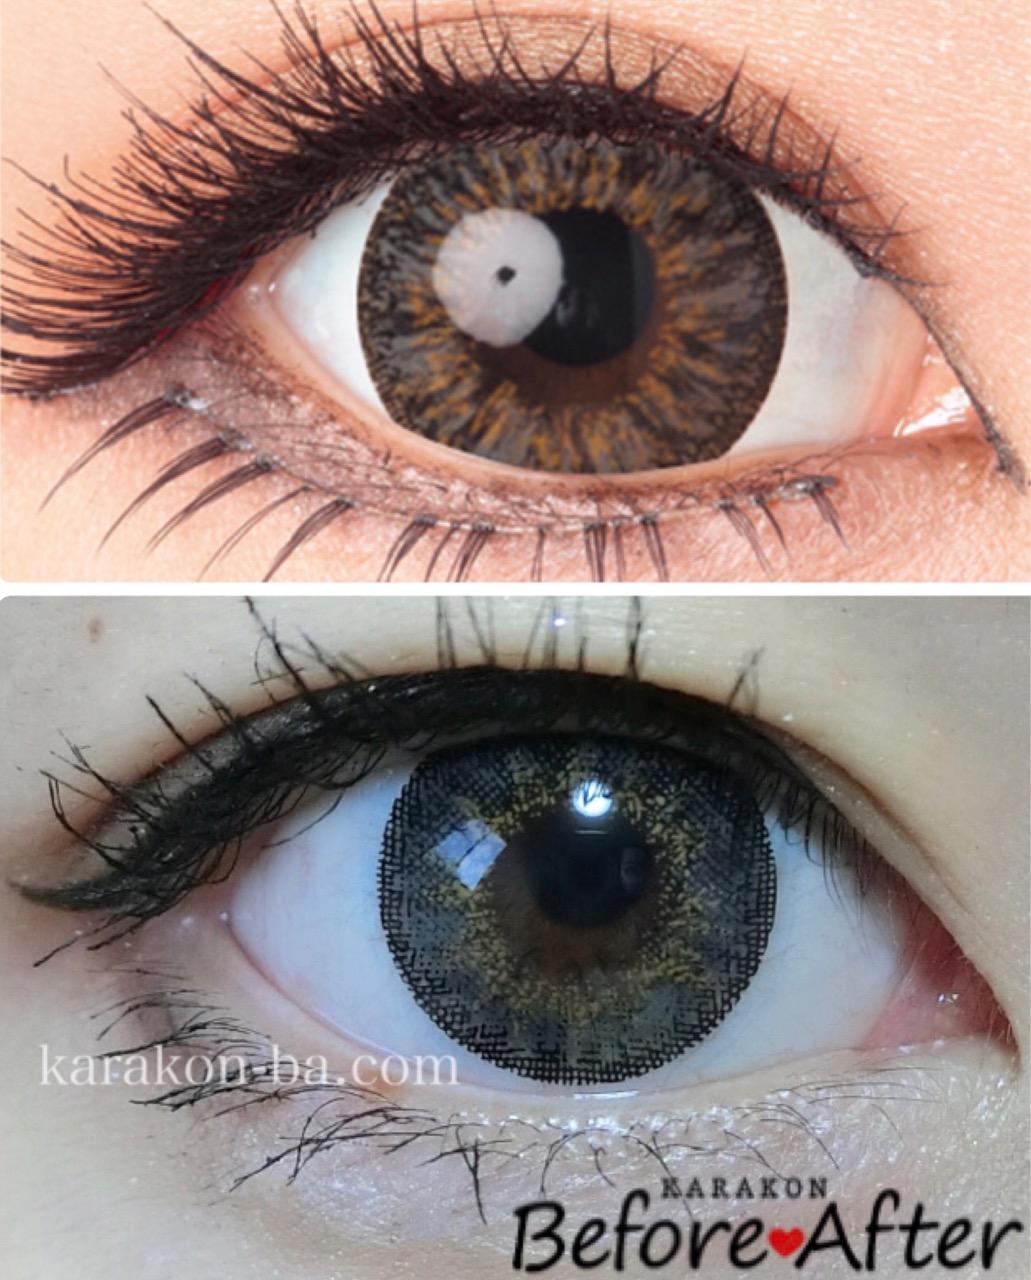 実際に使ってみたVenue Eyes(ヴィーナスアイズ)メガブリリアントグレーと公式のカラコン装着画像を比較